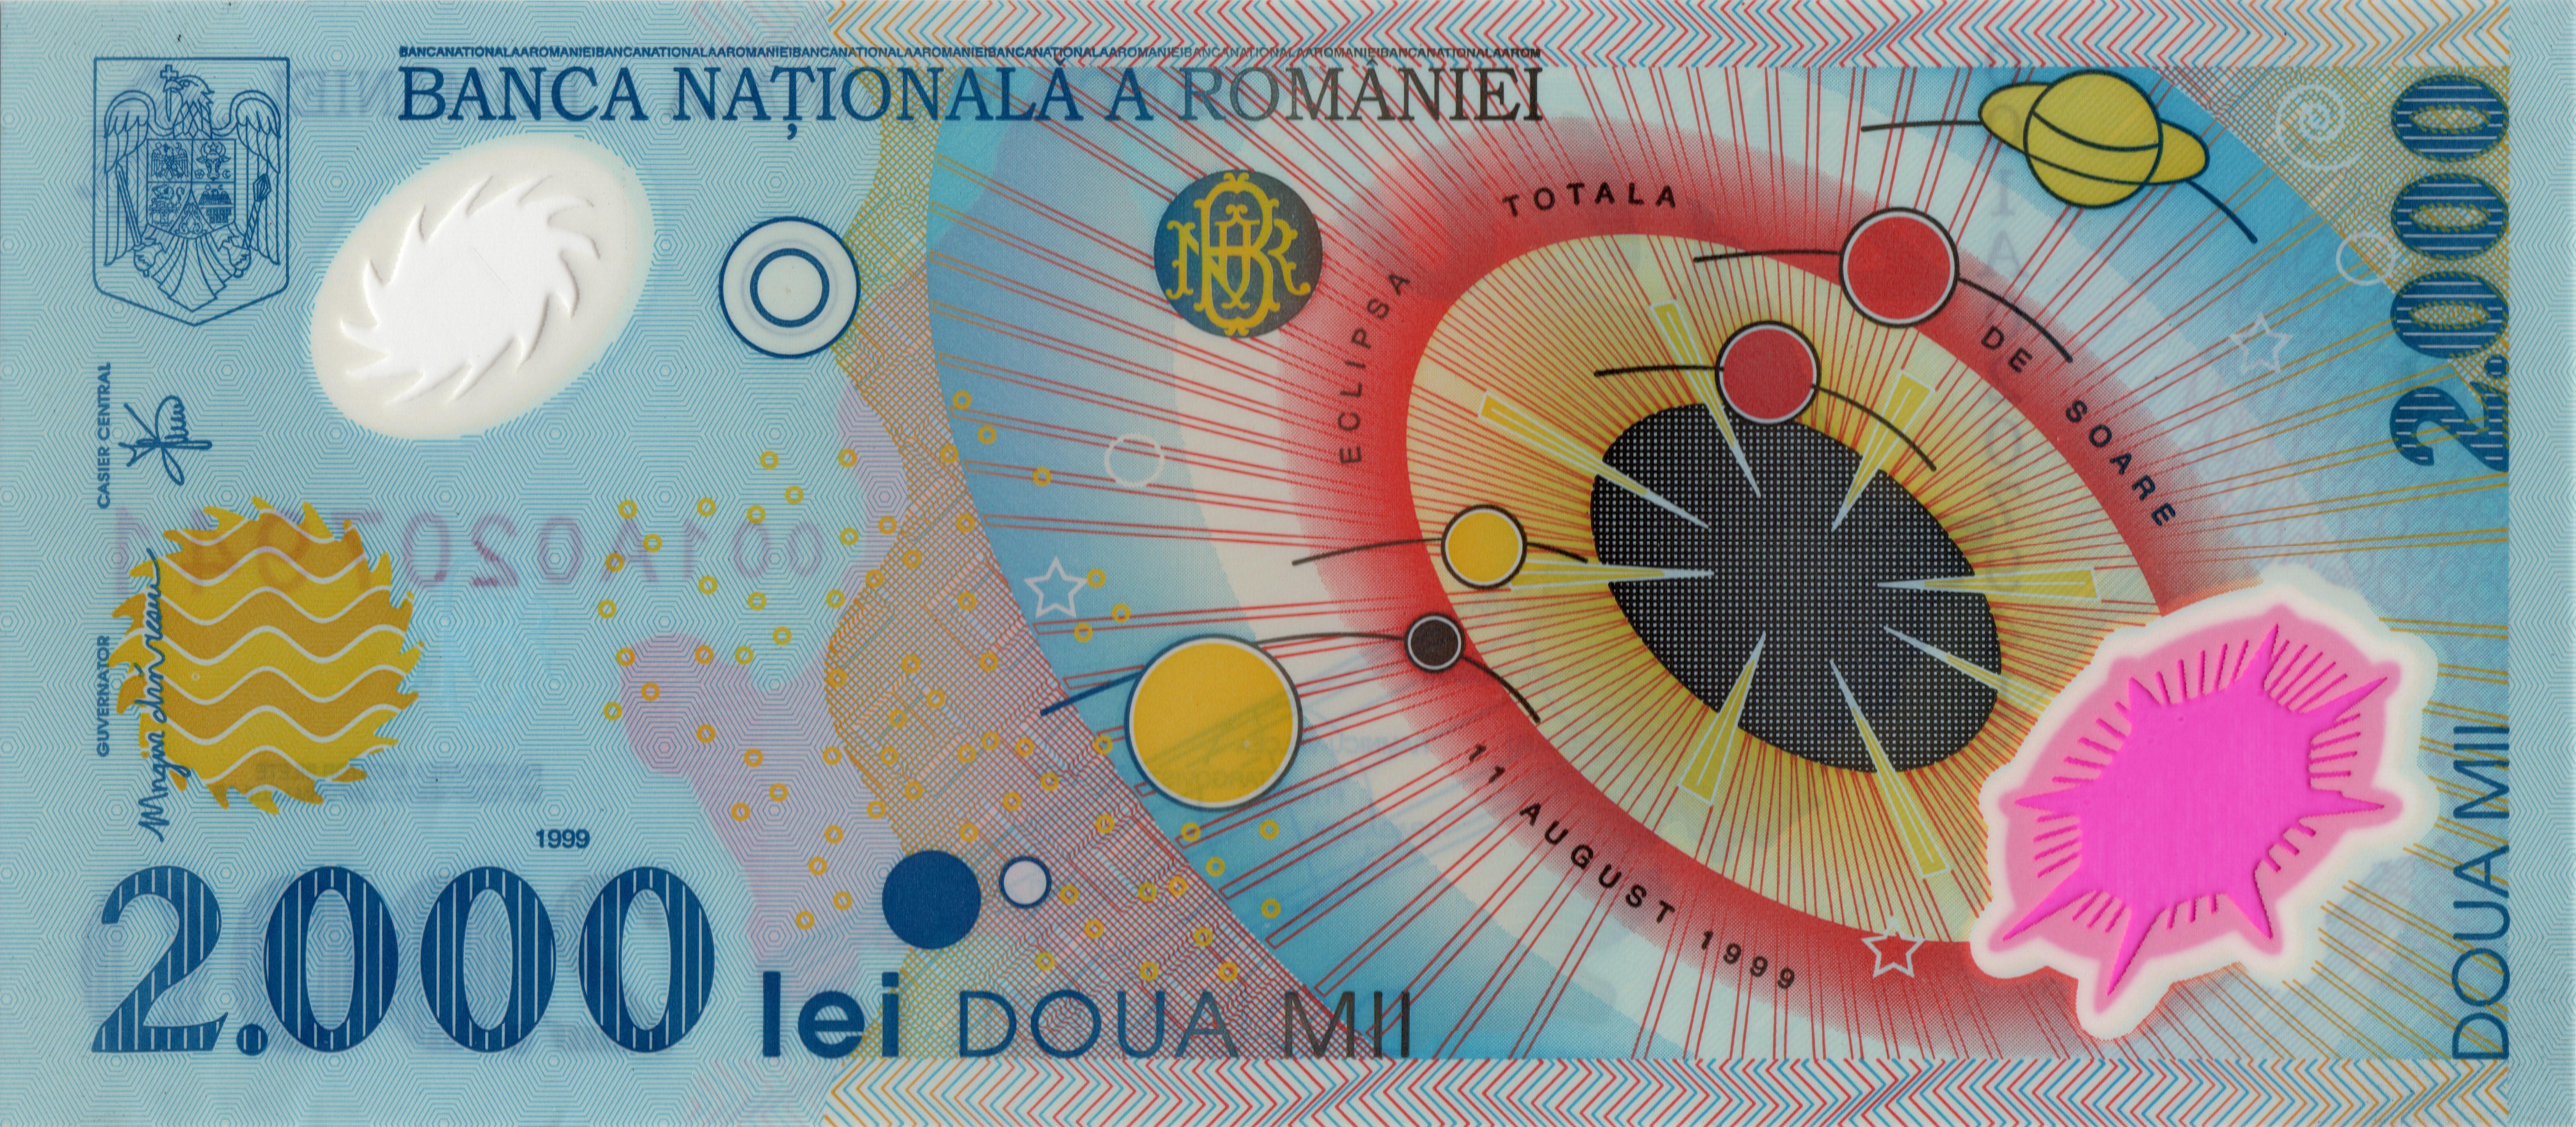 Bancnota 2000 lei din 1999 - Romania - polimer